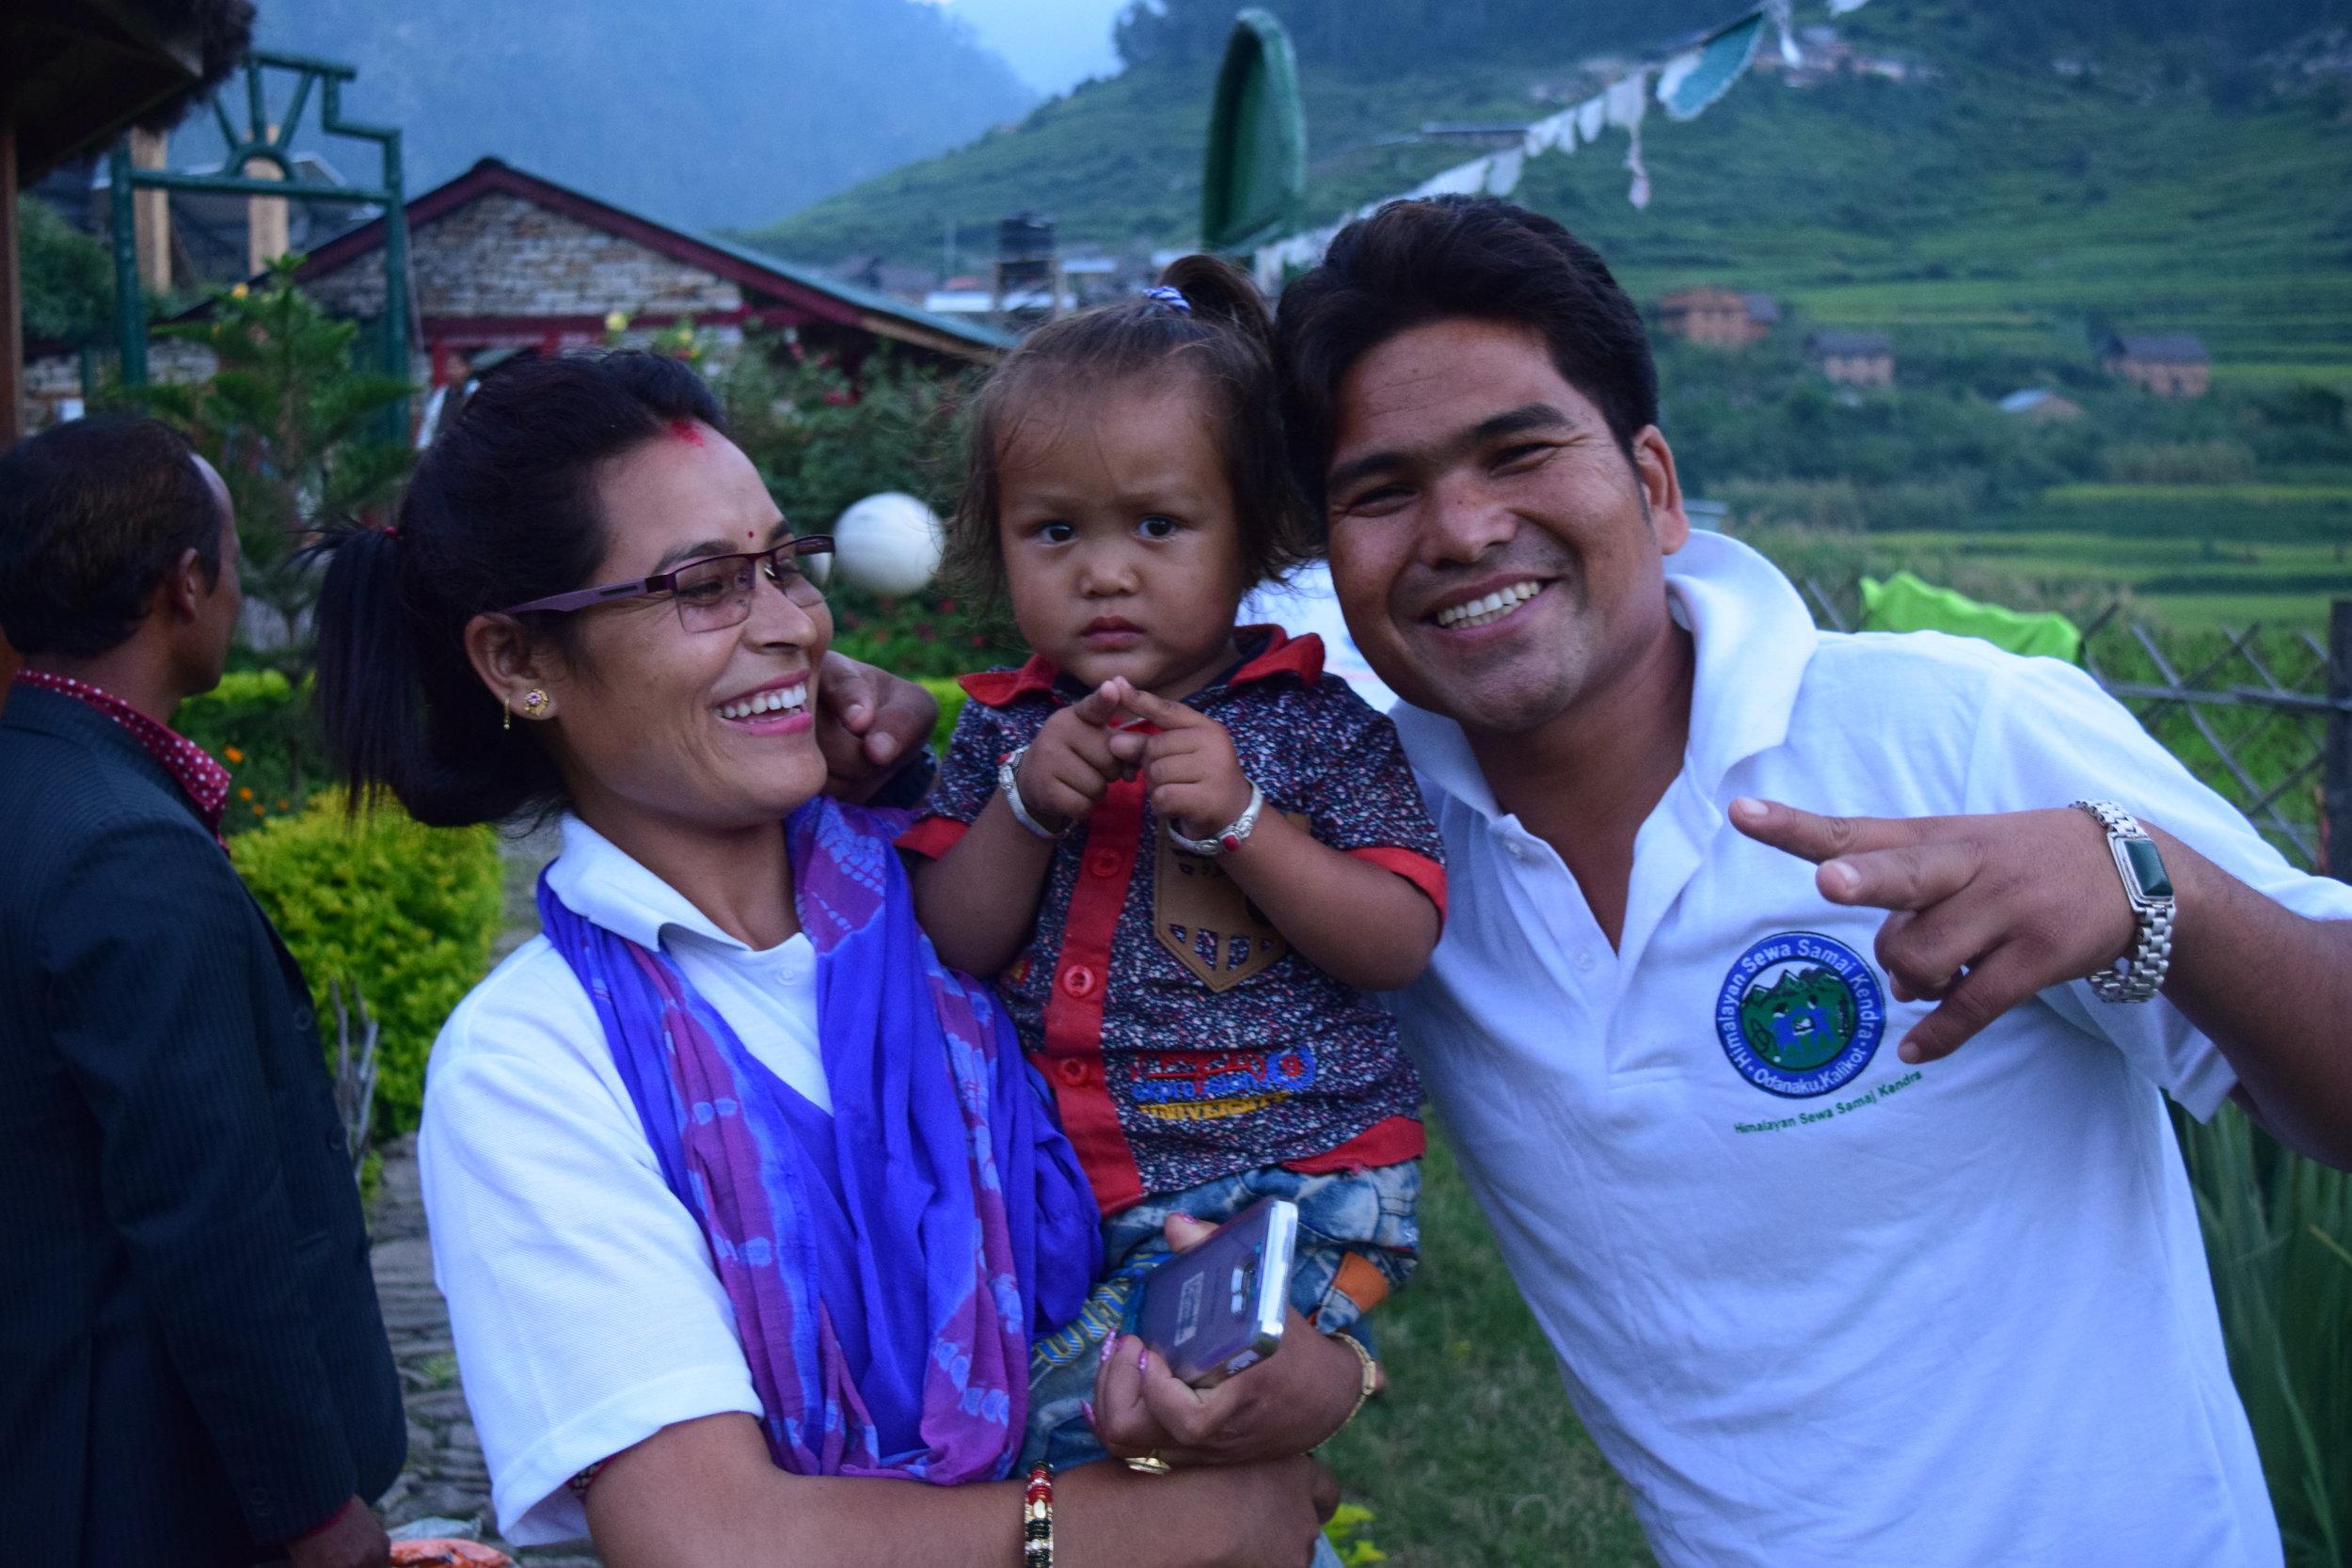 Karan with his wife, Sarita, and son, David.